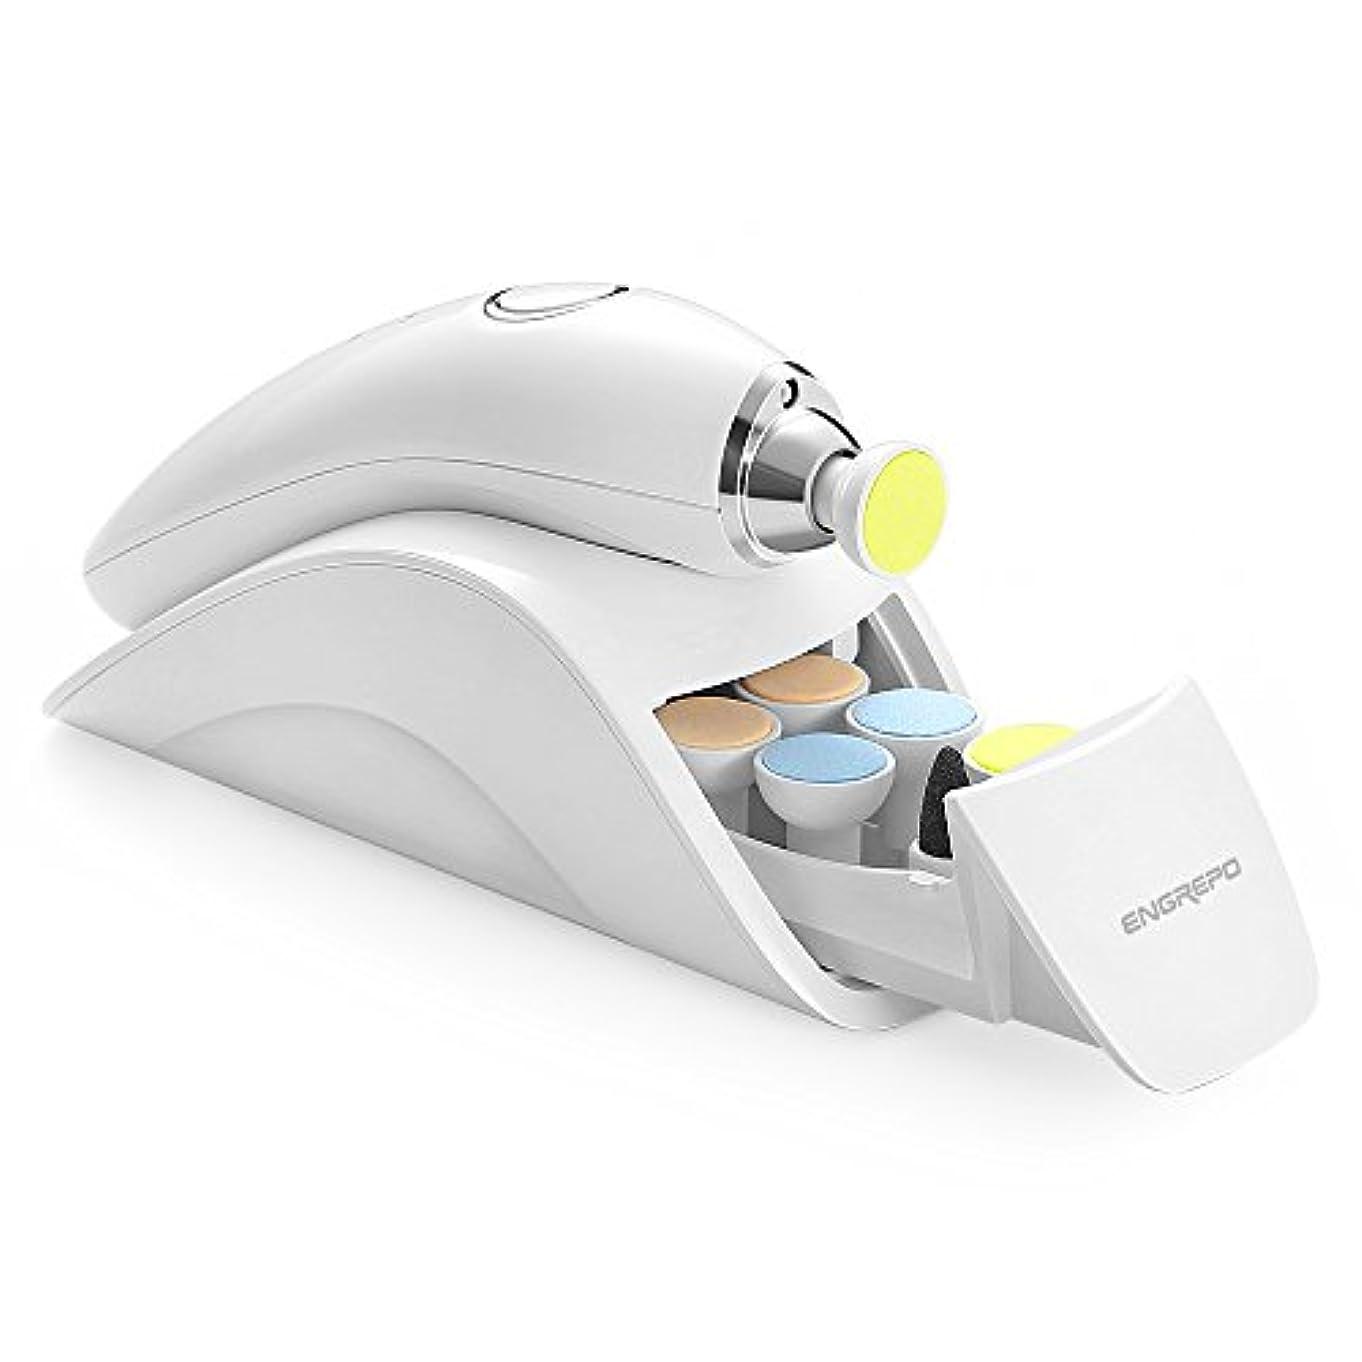 意義レンド二週間ENGREPO ベビーレーベル ネイルケアセット レーベル ホワイト(新生児~対象) ママにも使えるネイルケア(4種類の磨きヘッド、超低デシベル、3速ギア、LEDフィルインライト)円弧充電ベース隠し収納ボックス付き